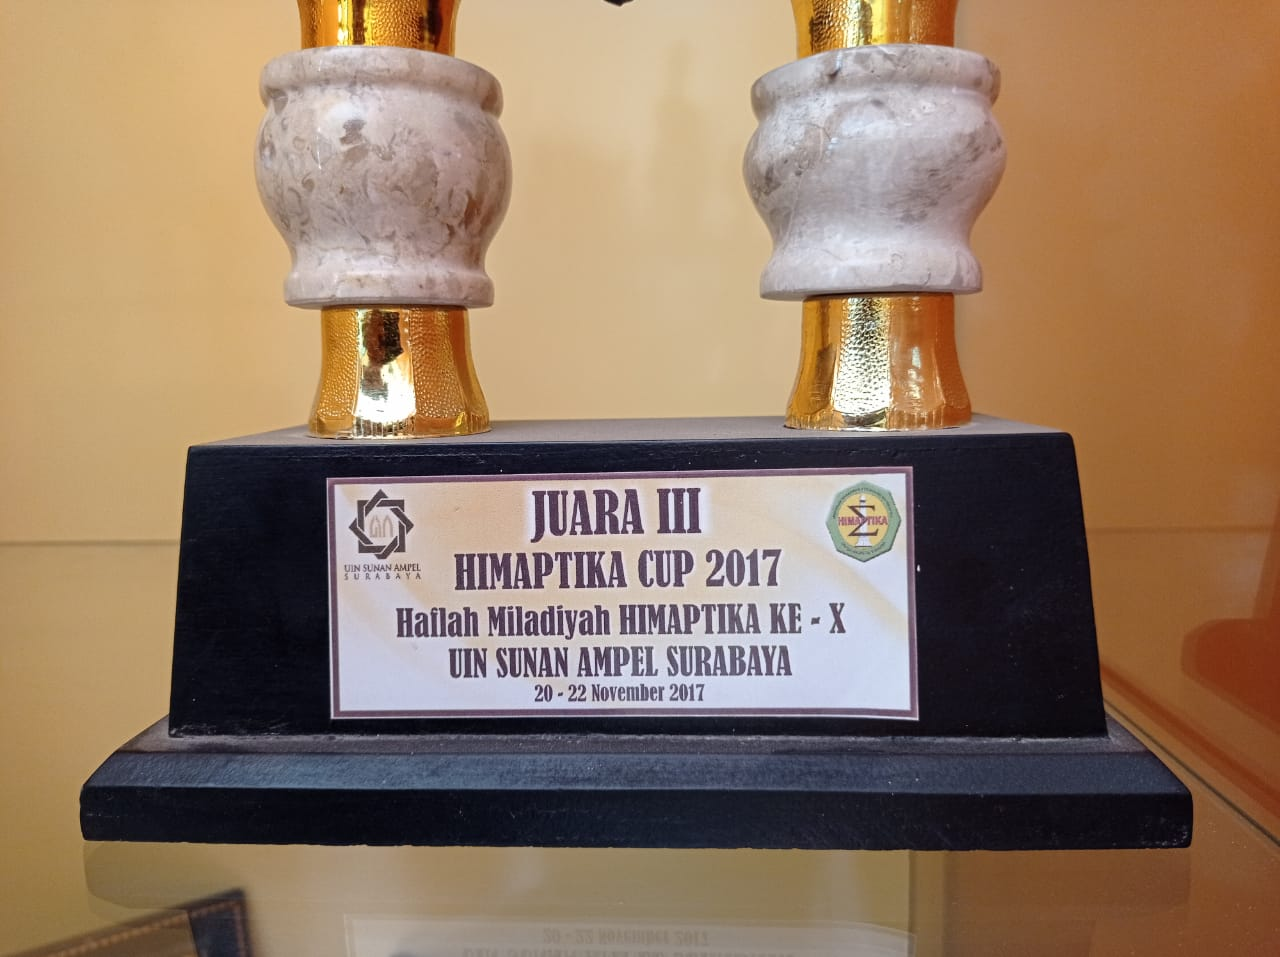 JUARA III HIMAPTIKA CUP 2017